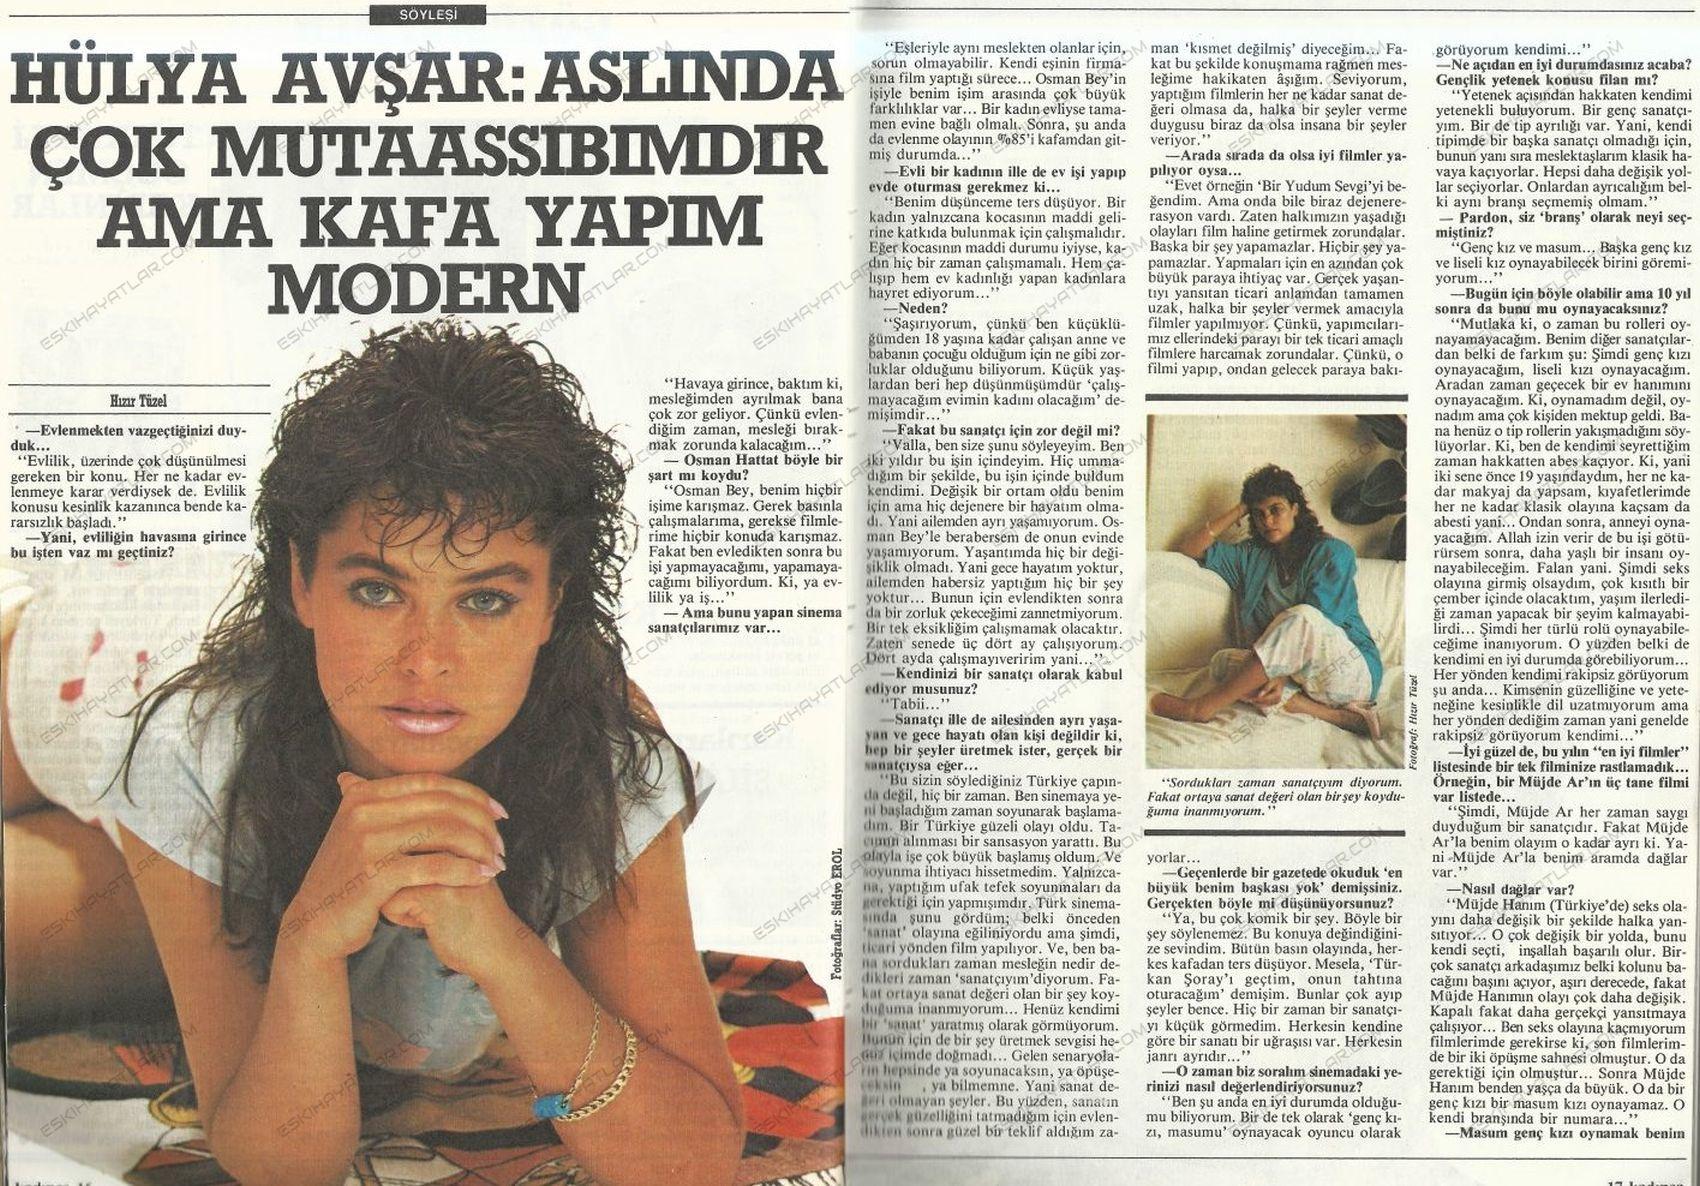 0285-hulya-avsar-gencligi-1985-yilinda-magazin-haberleri (2)